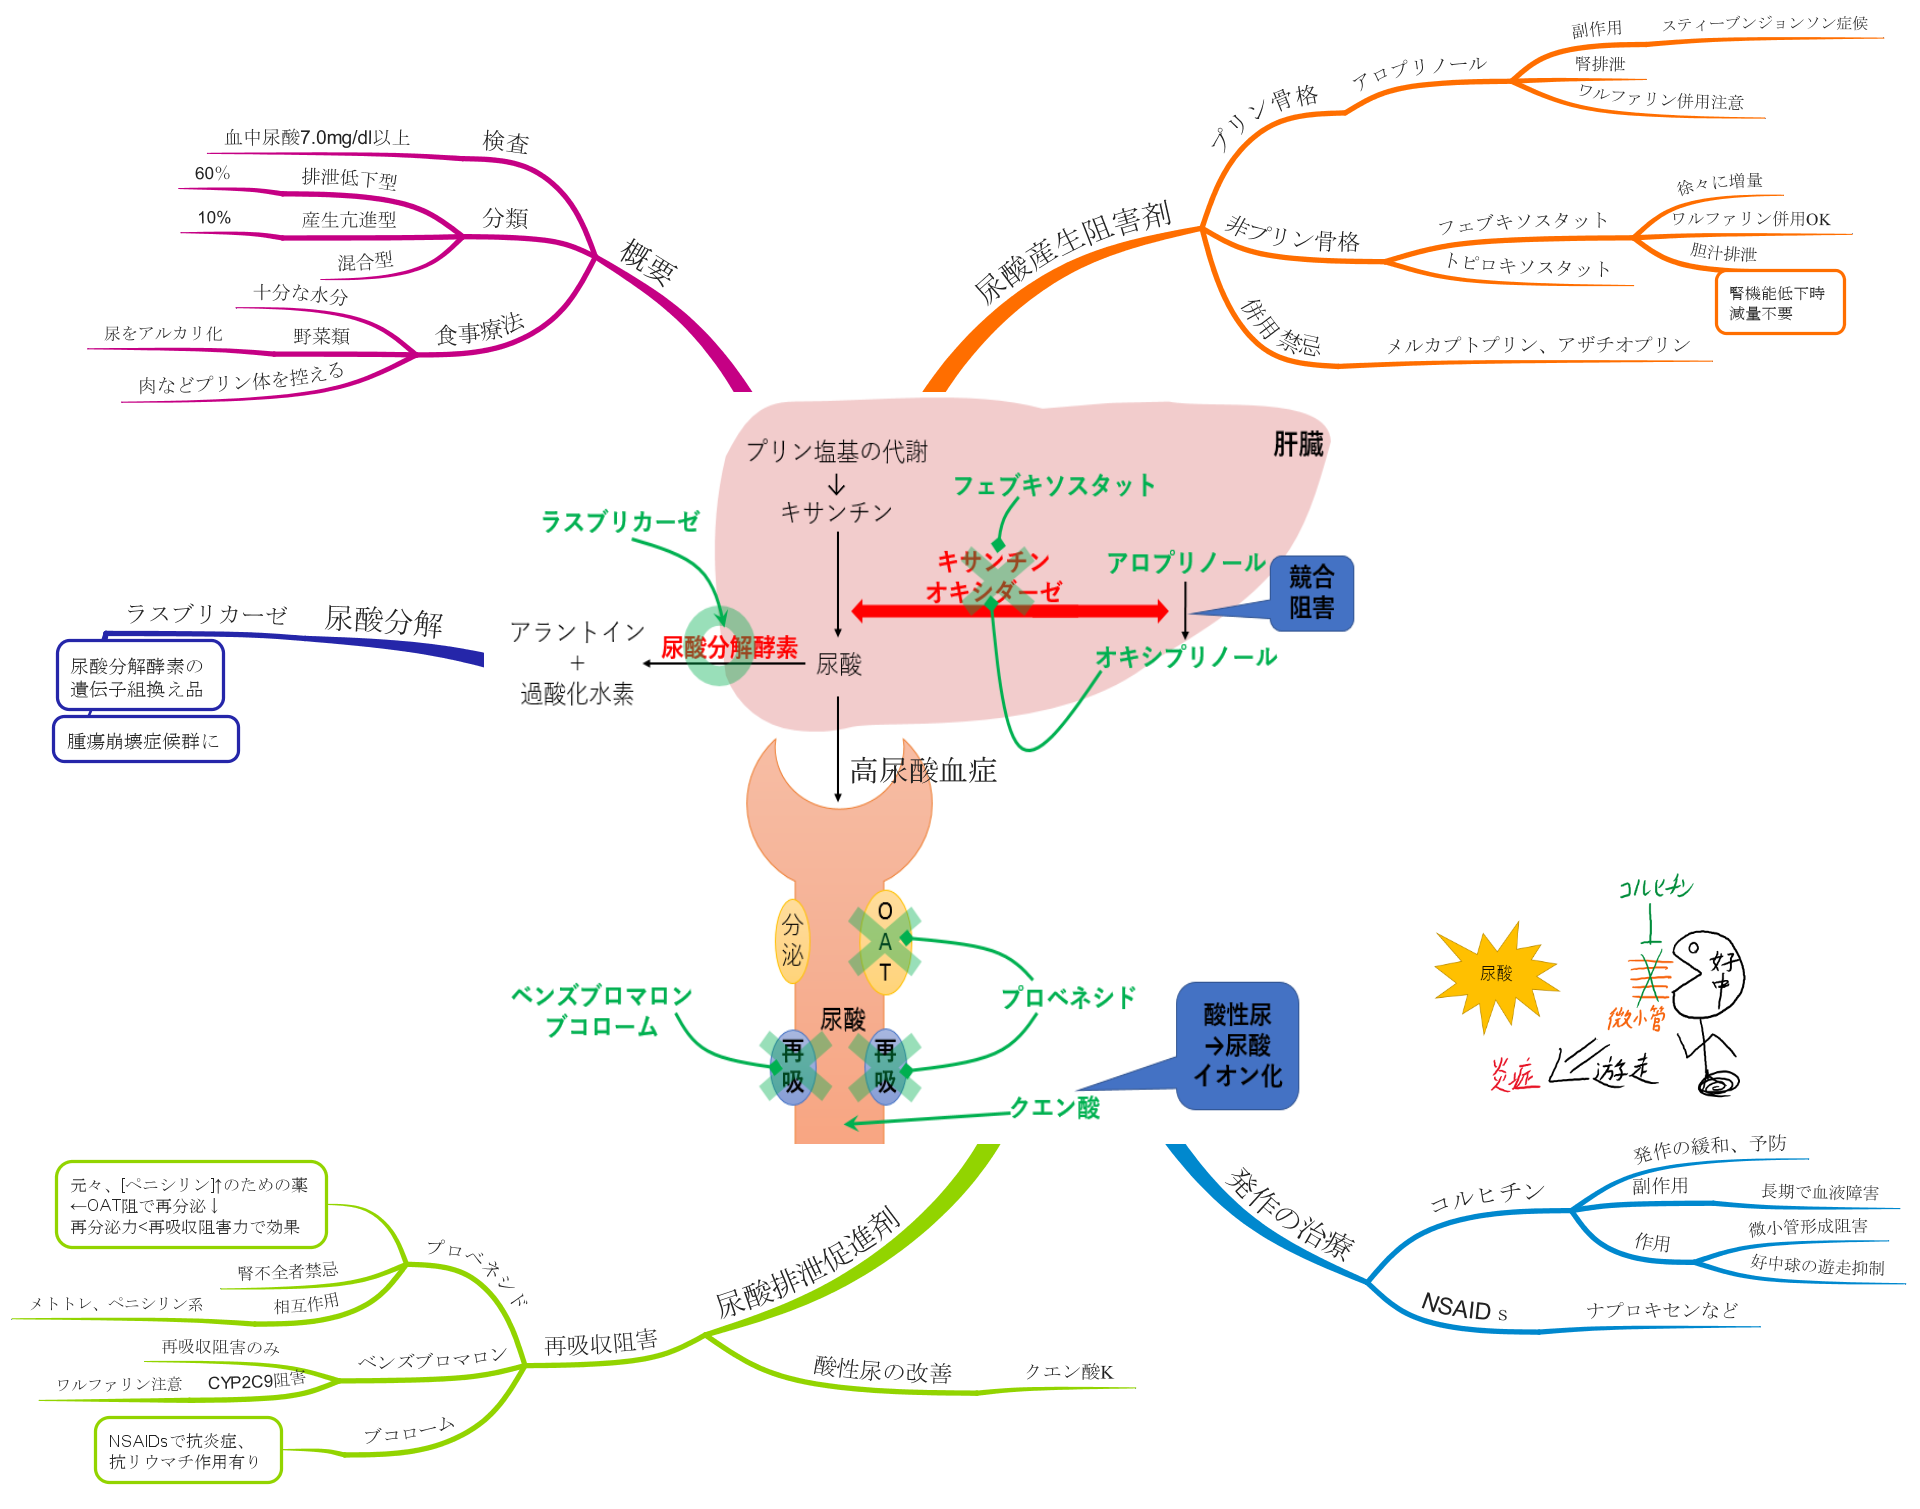 高尿酸血症のマインドマップ 薬 一覧